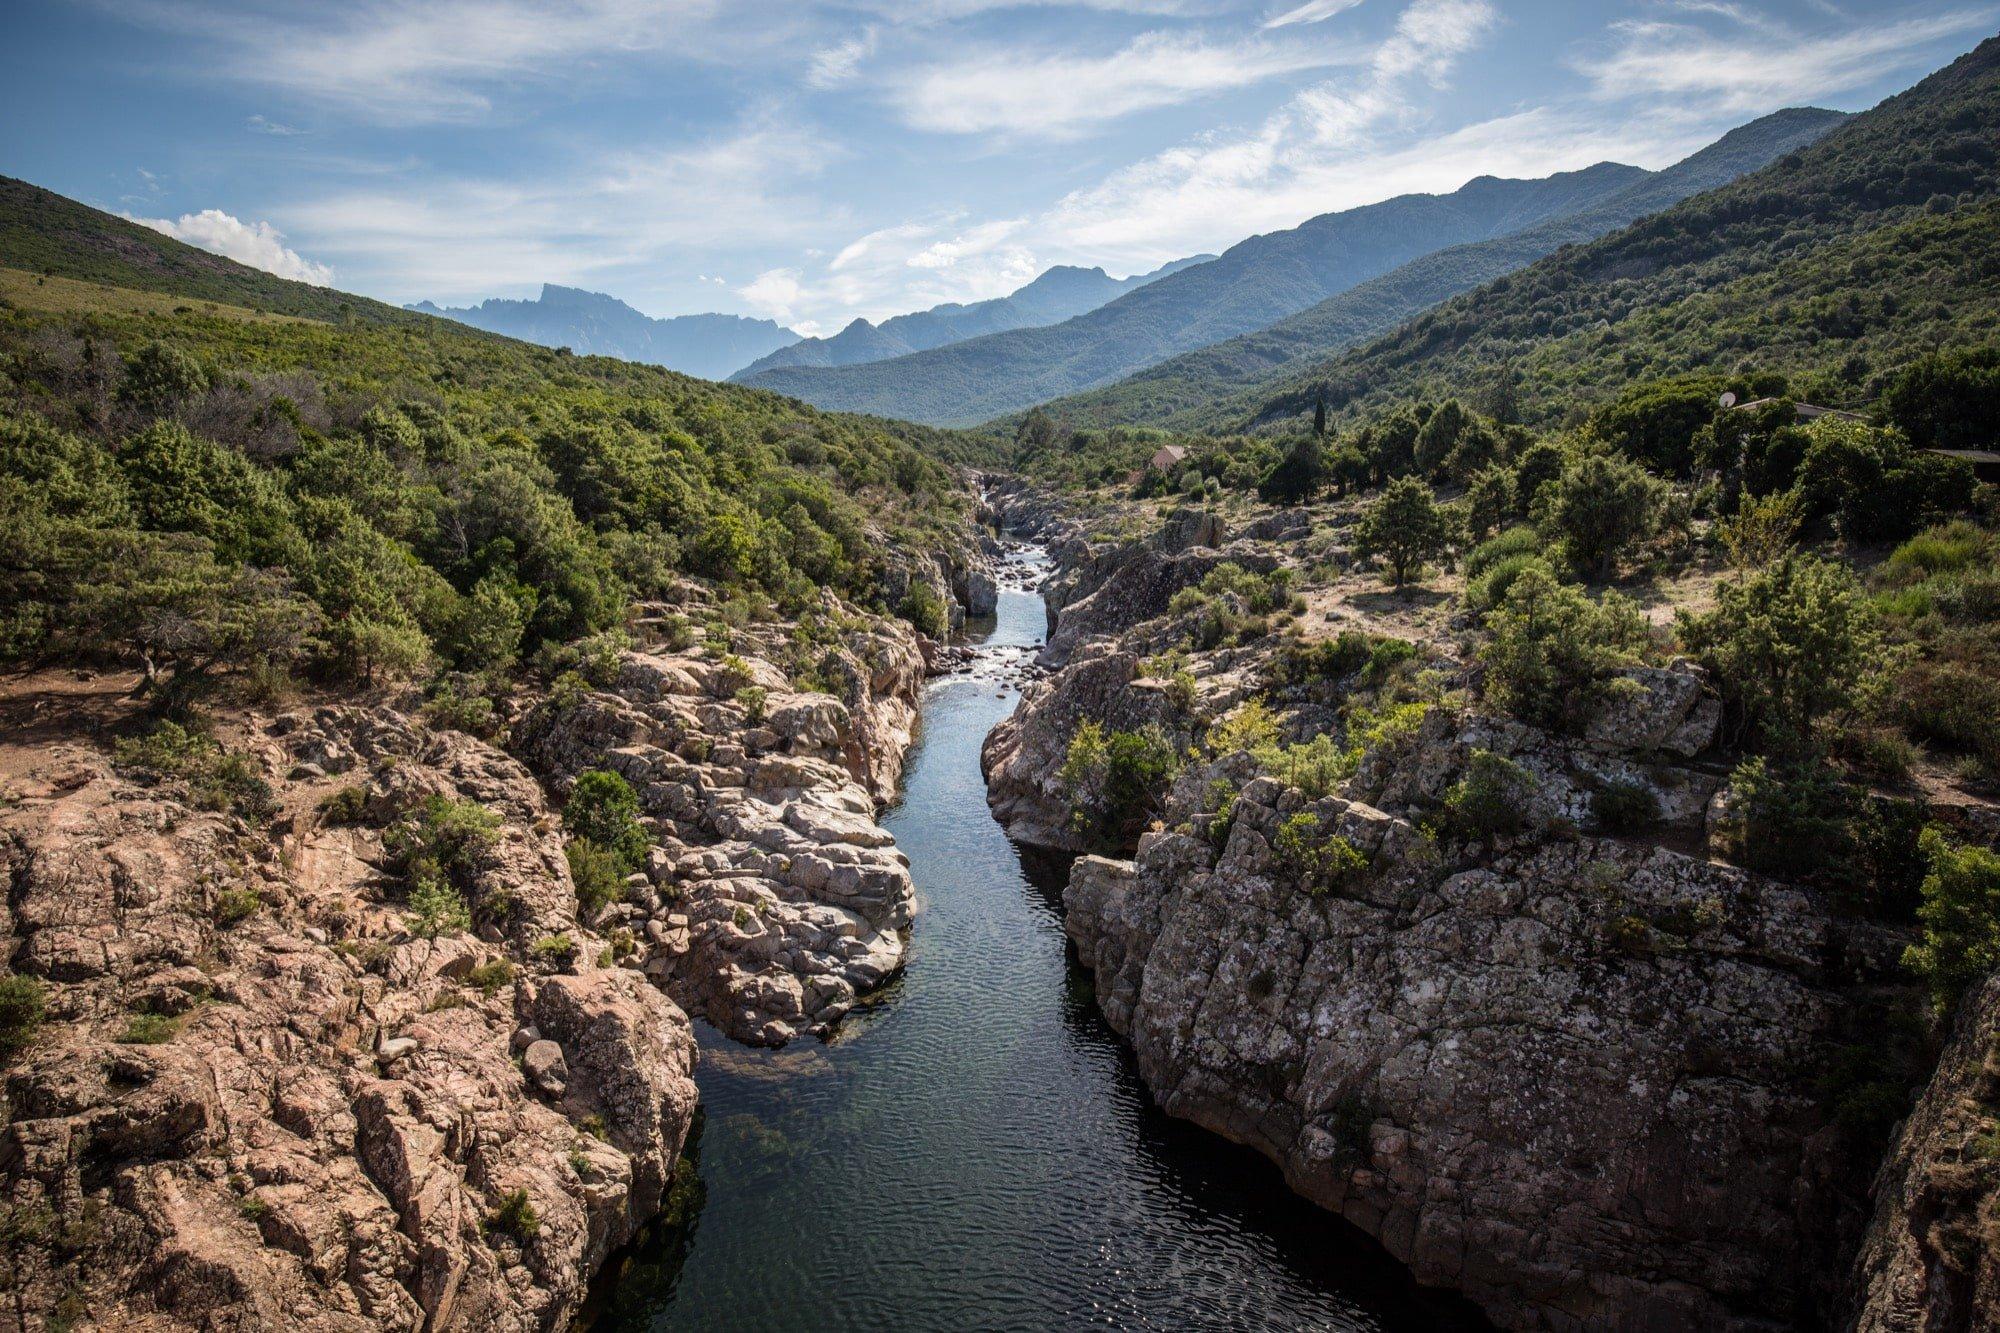 vallée de la rivière fongo en corse